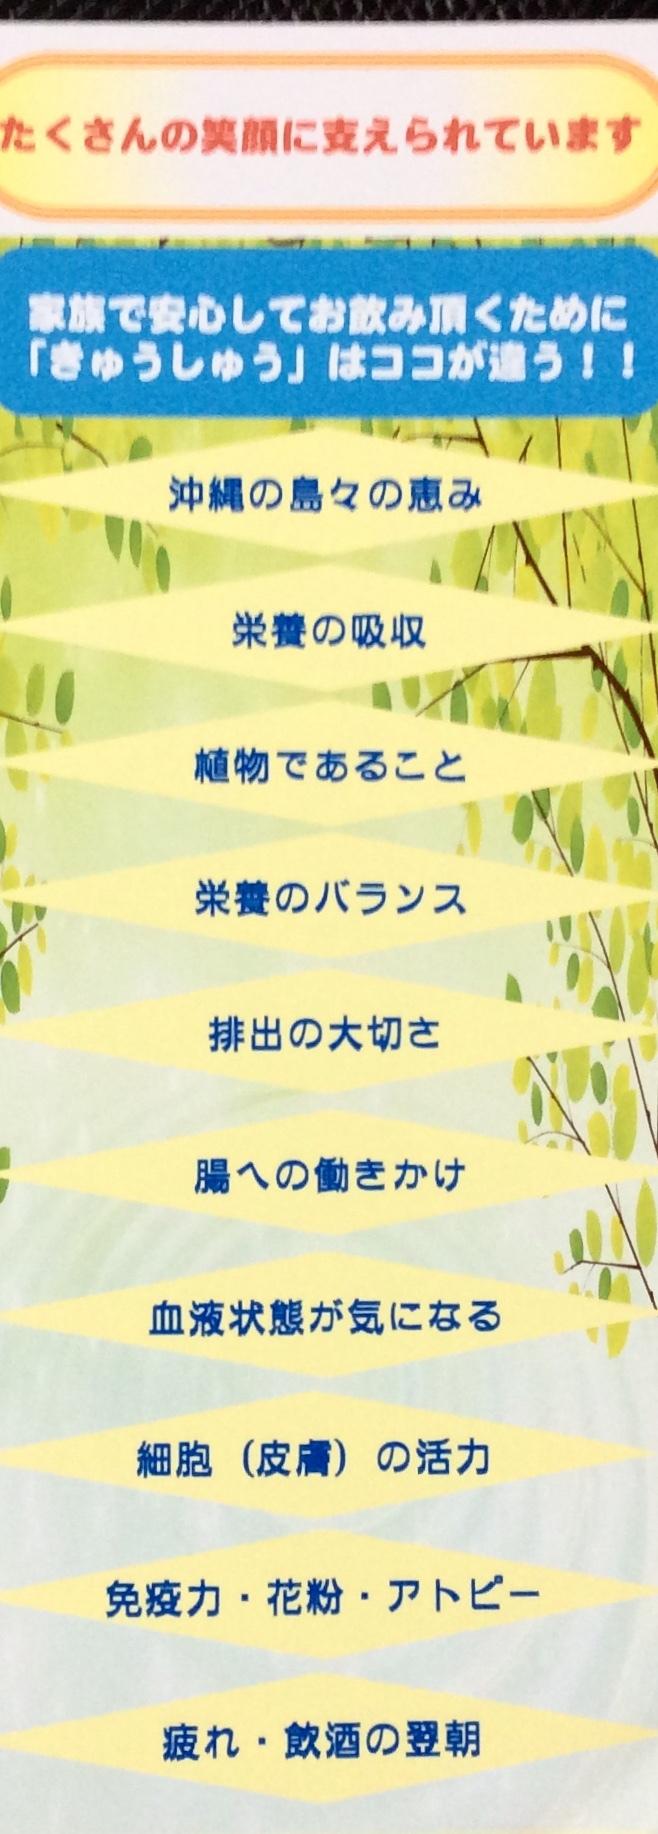 アスリートから生まれたミドリムシサプリ Naturalbalanceきゅうしゅう (11)